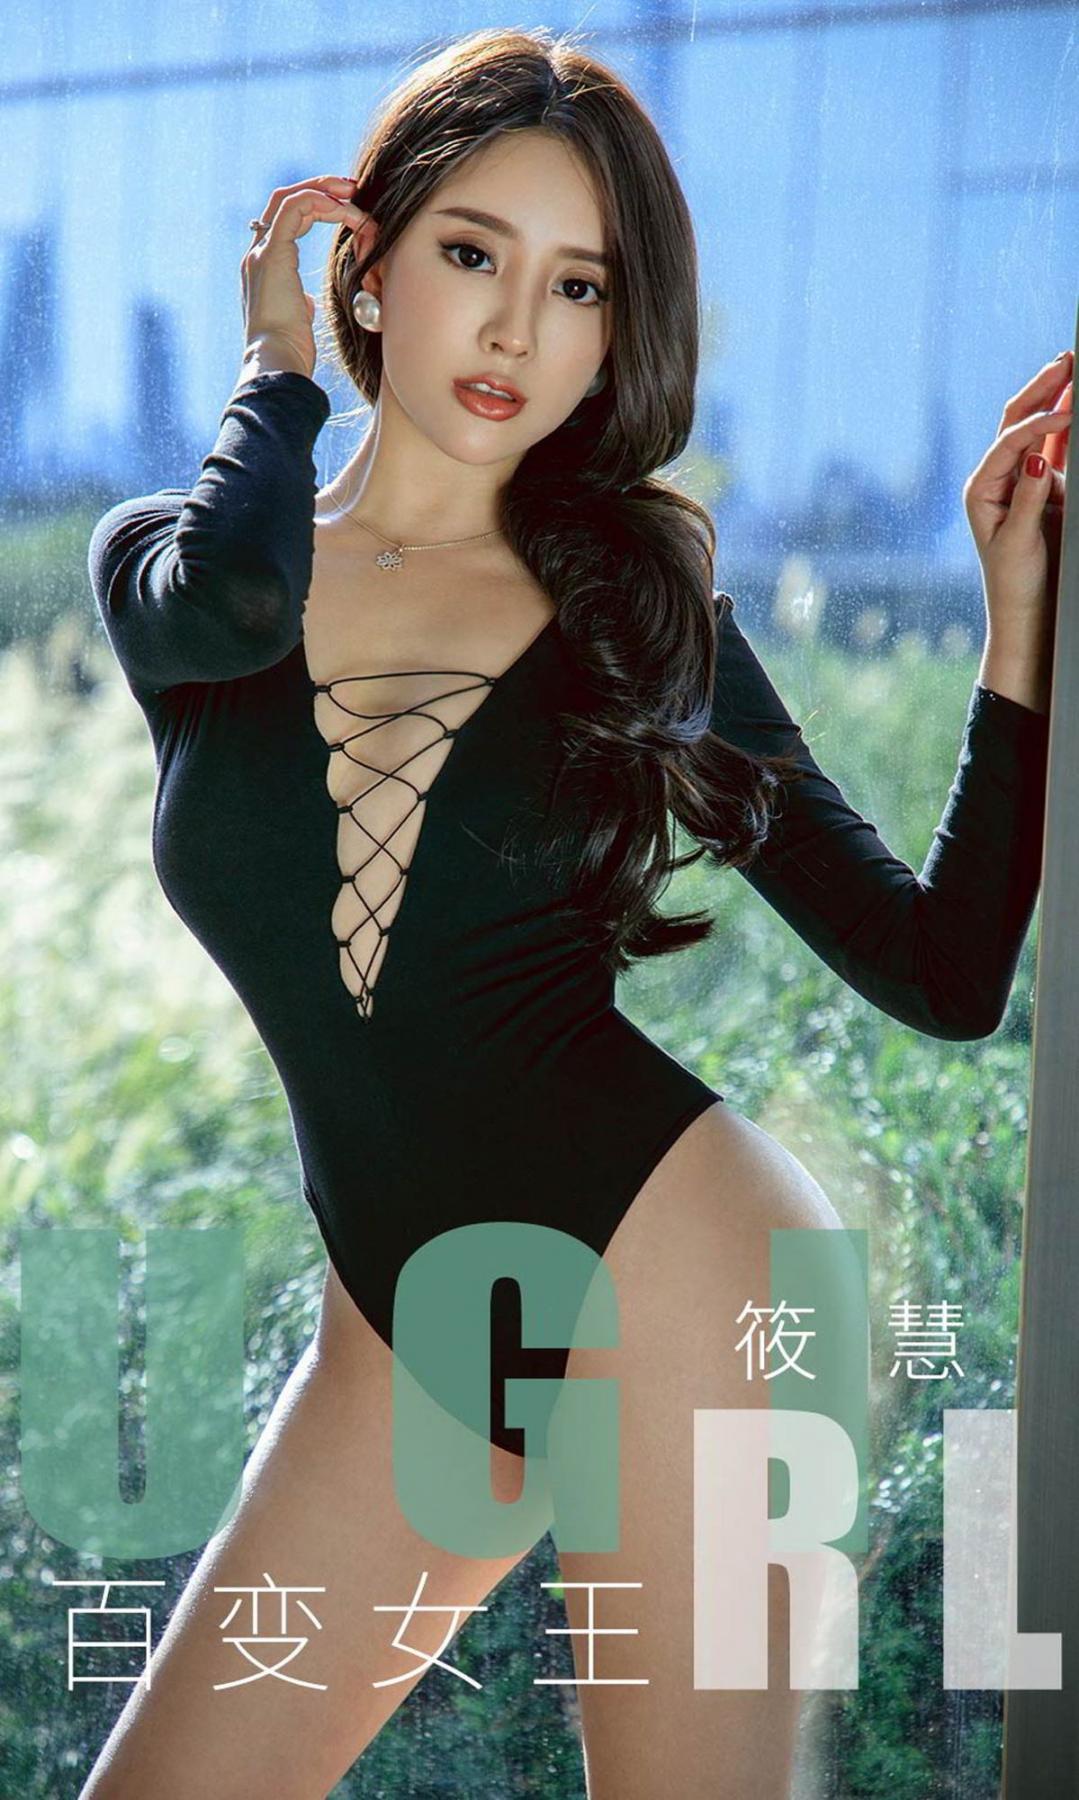 [Ugirls App] Vol.1675 Variety Queen